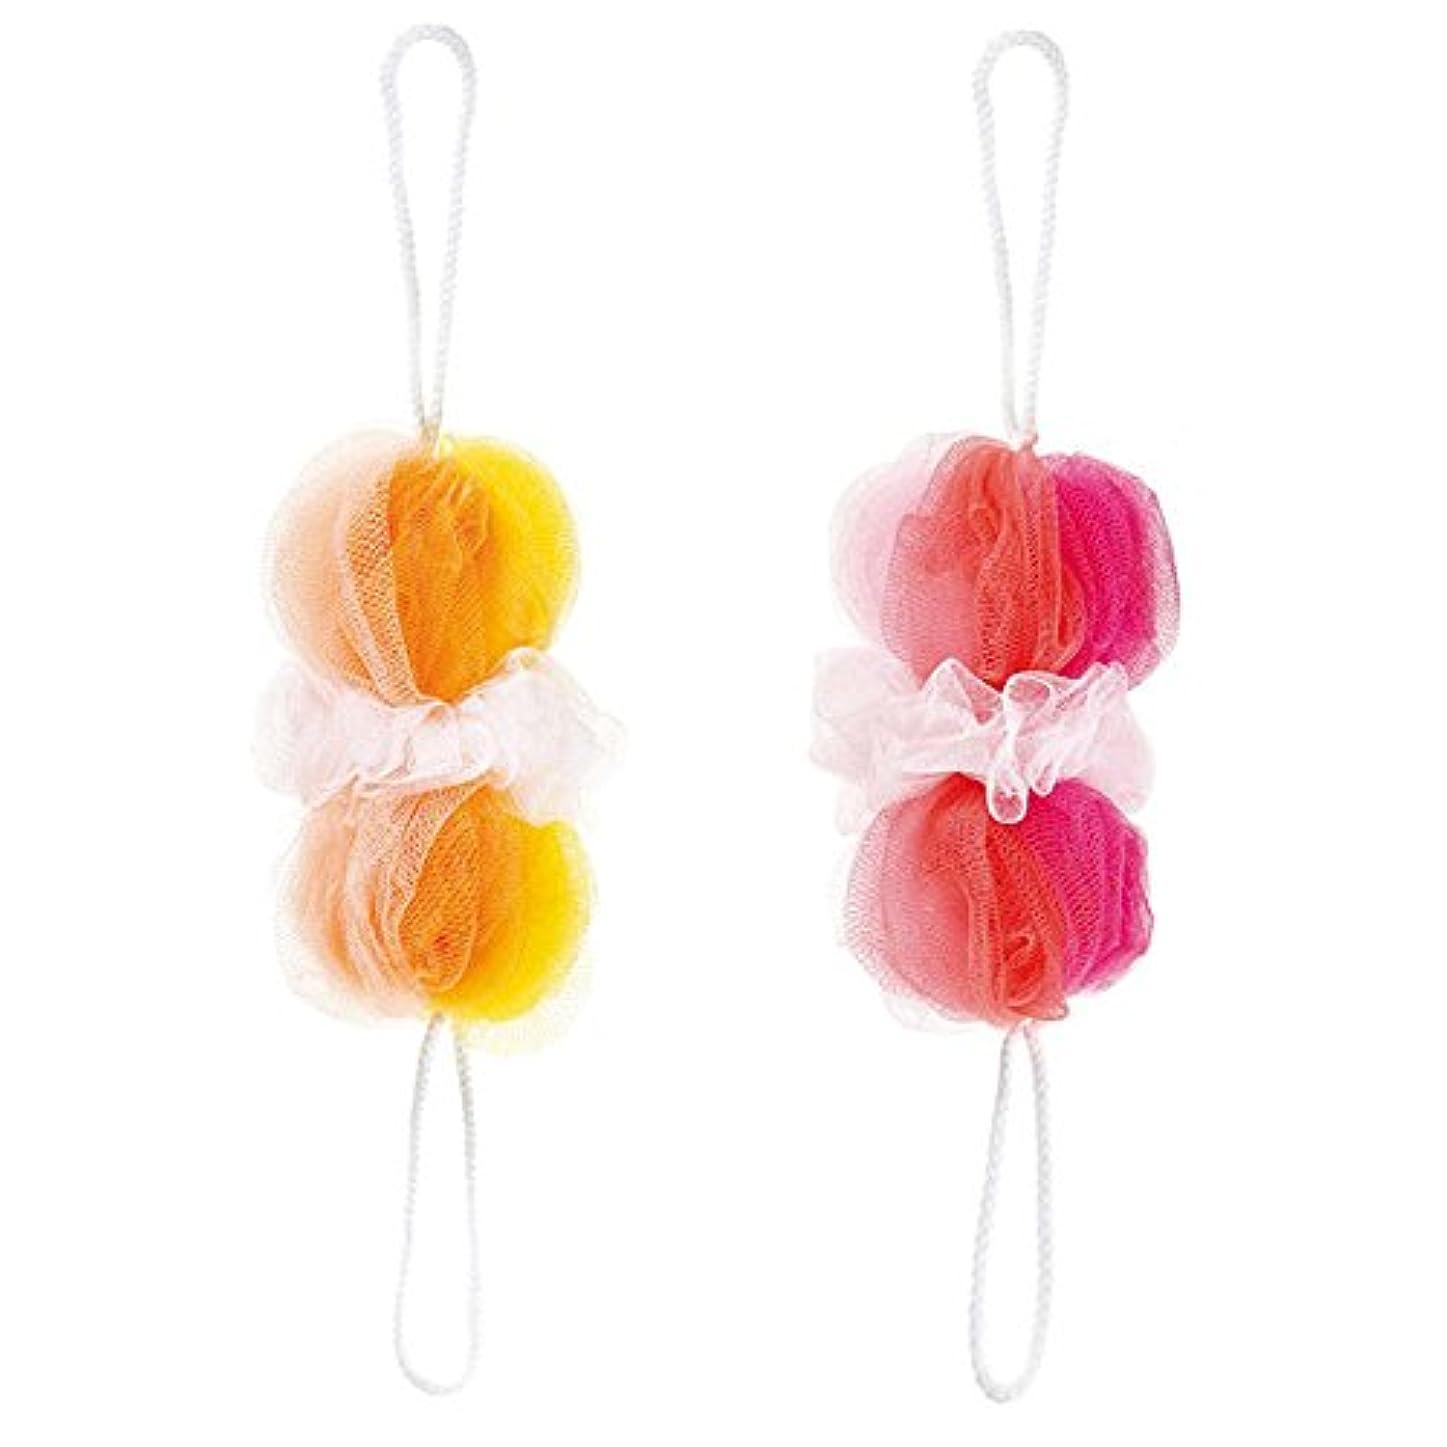 舌芝生週末マーナ 背中も洗えるシャボンボール ミックス 2色セット(P&Y)